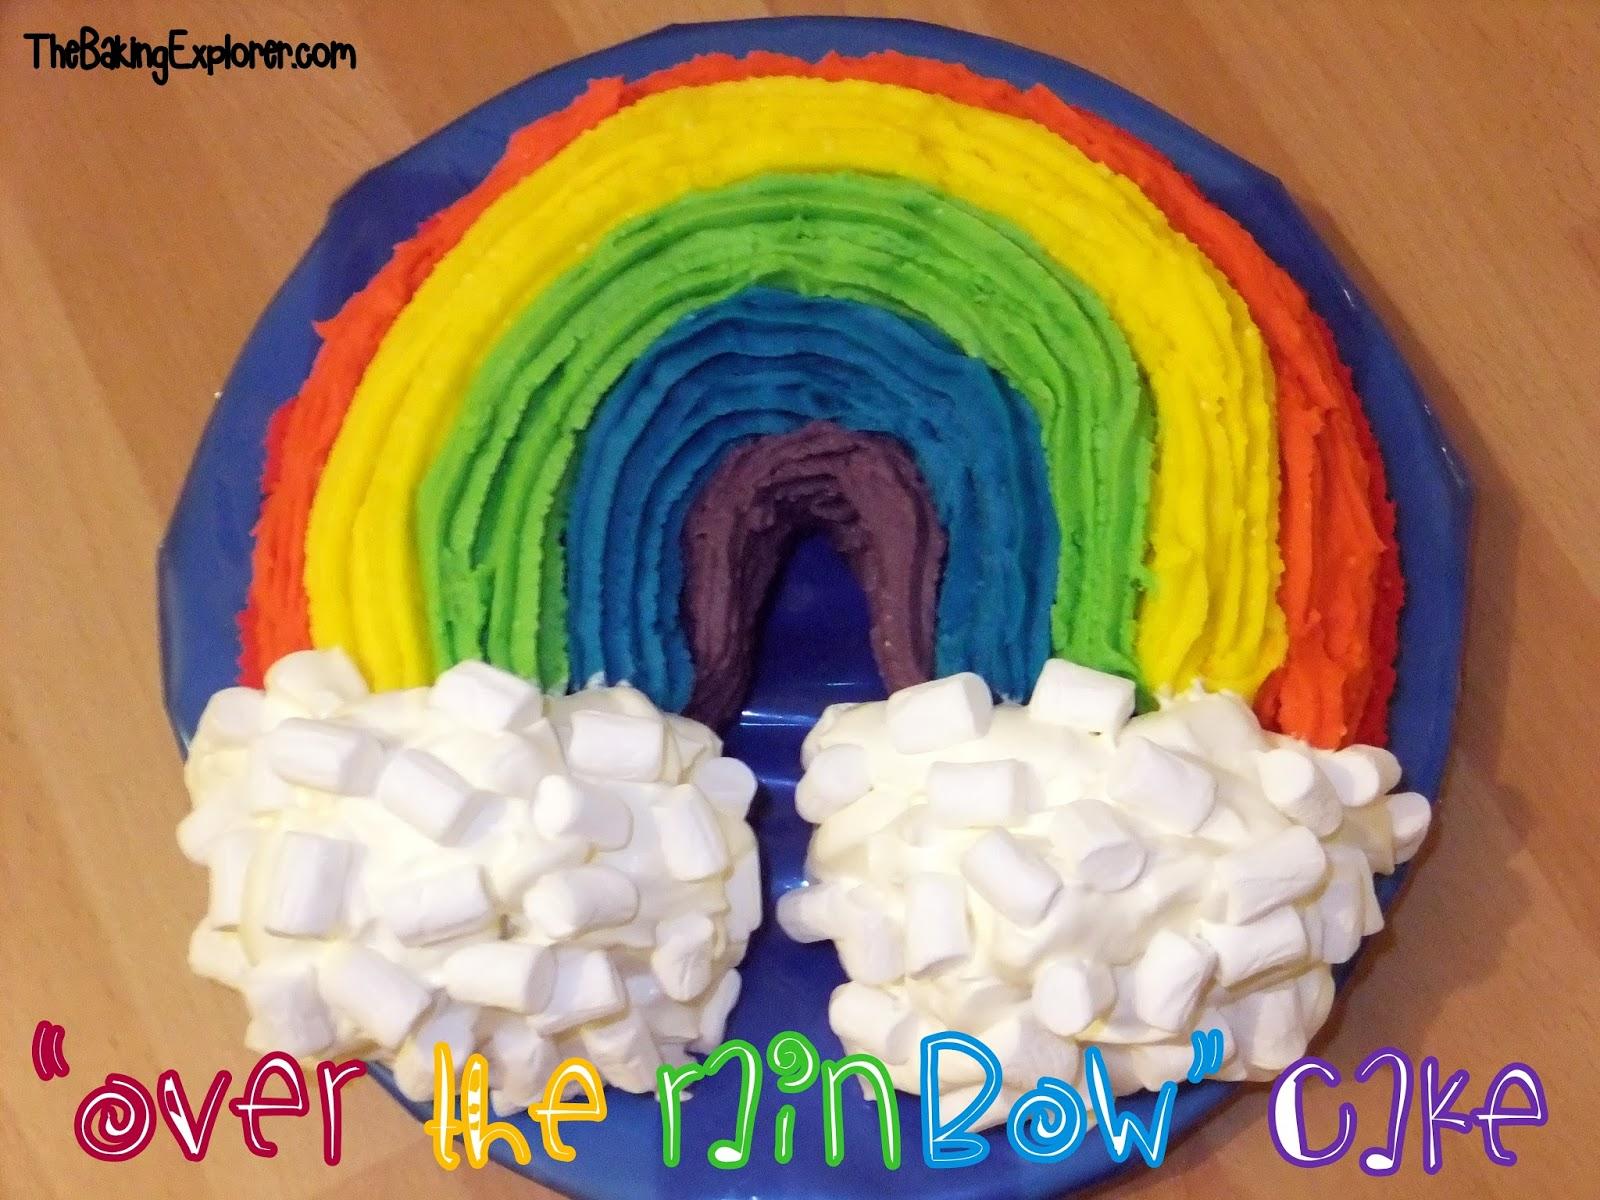 DSCF3989 Verwunderlich so where Over the Rainbow Dekorationen